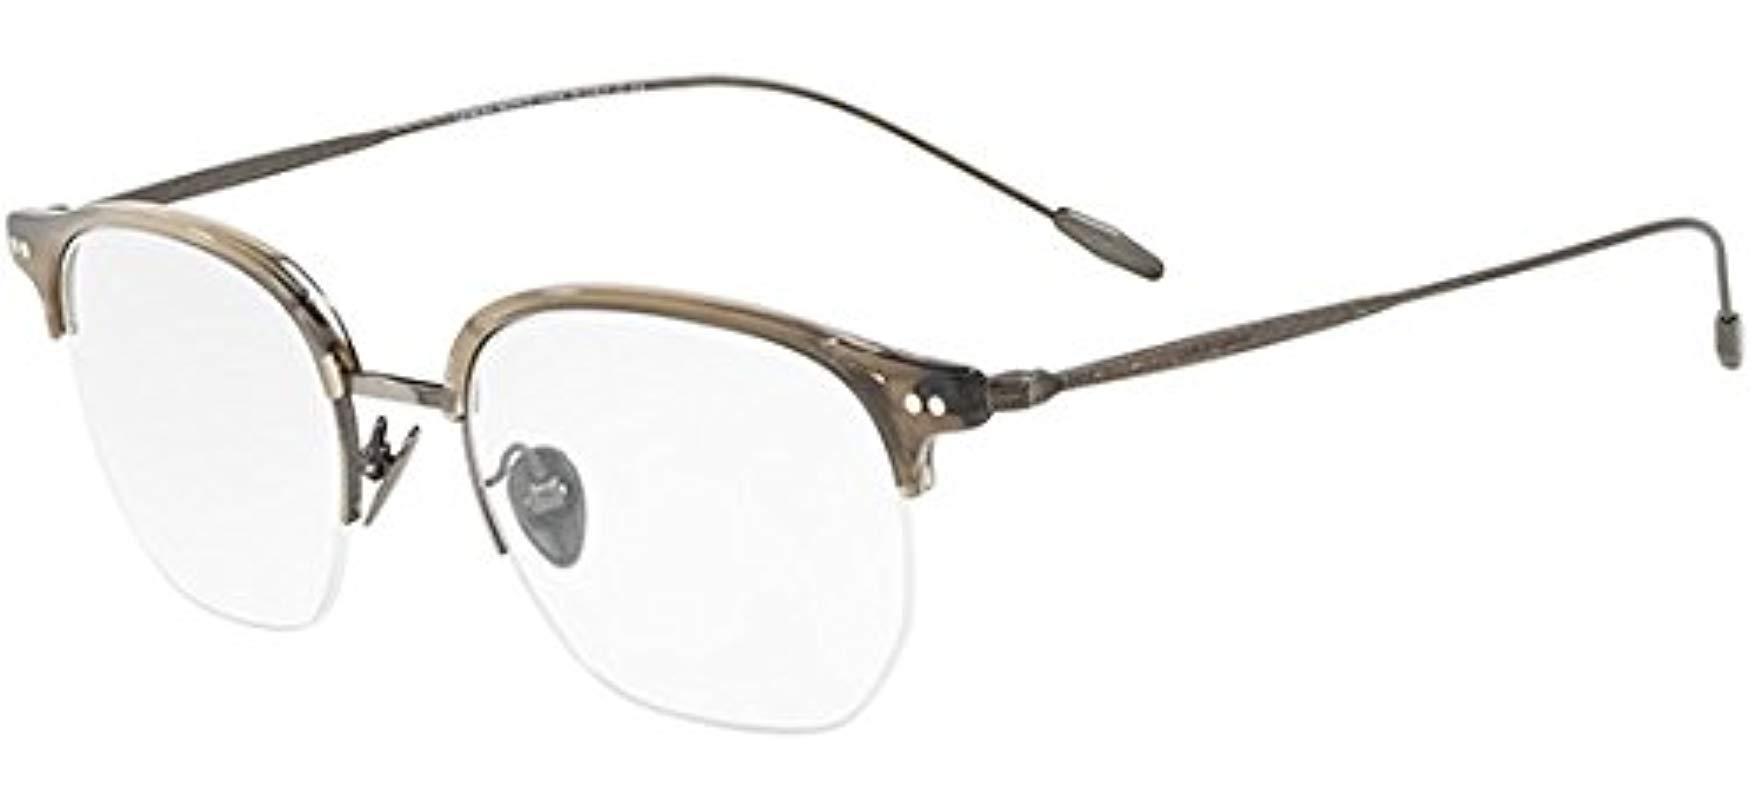 20a1480778 Ray-Ban. Men s Gray 0ar7153 Optical Frames ...